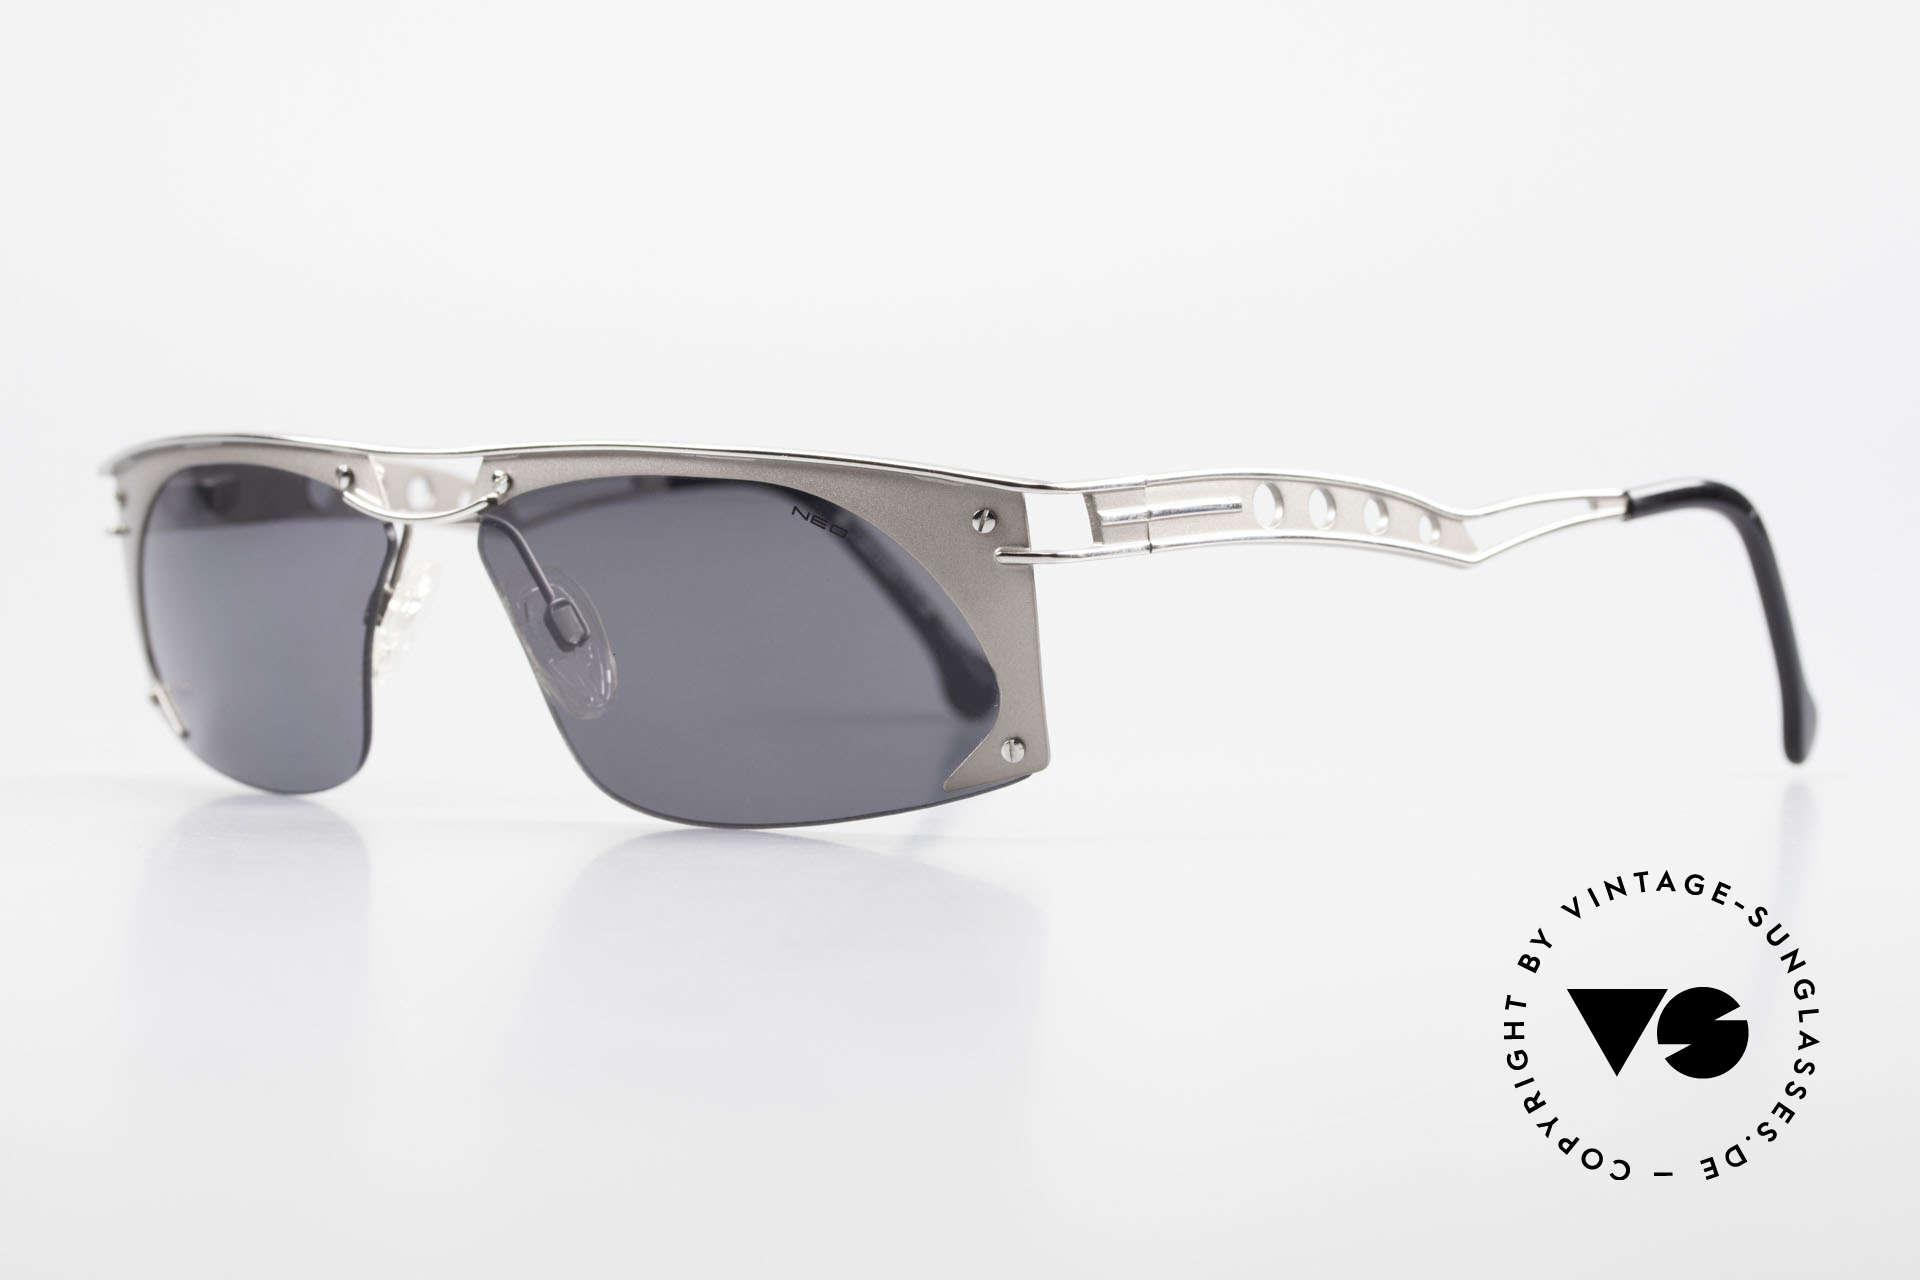 """Neostyle Holiday 968 Steampunk Sonnenbrille 90er, gerne als """"STEAMPUNK-Sonnenbrille"""" bezeichnet, Passend für Herren"""